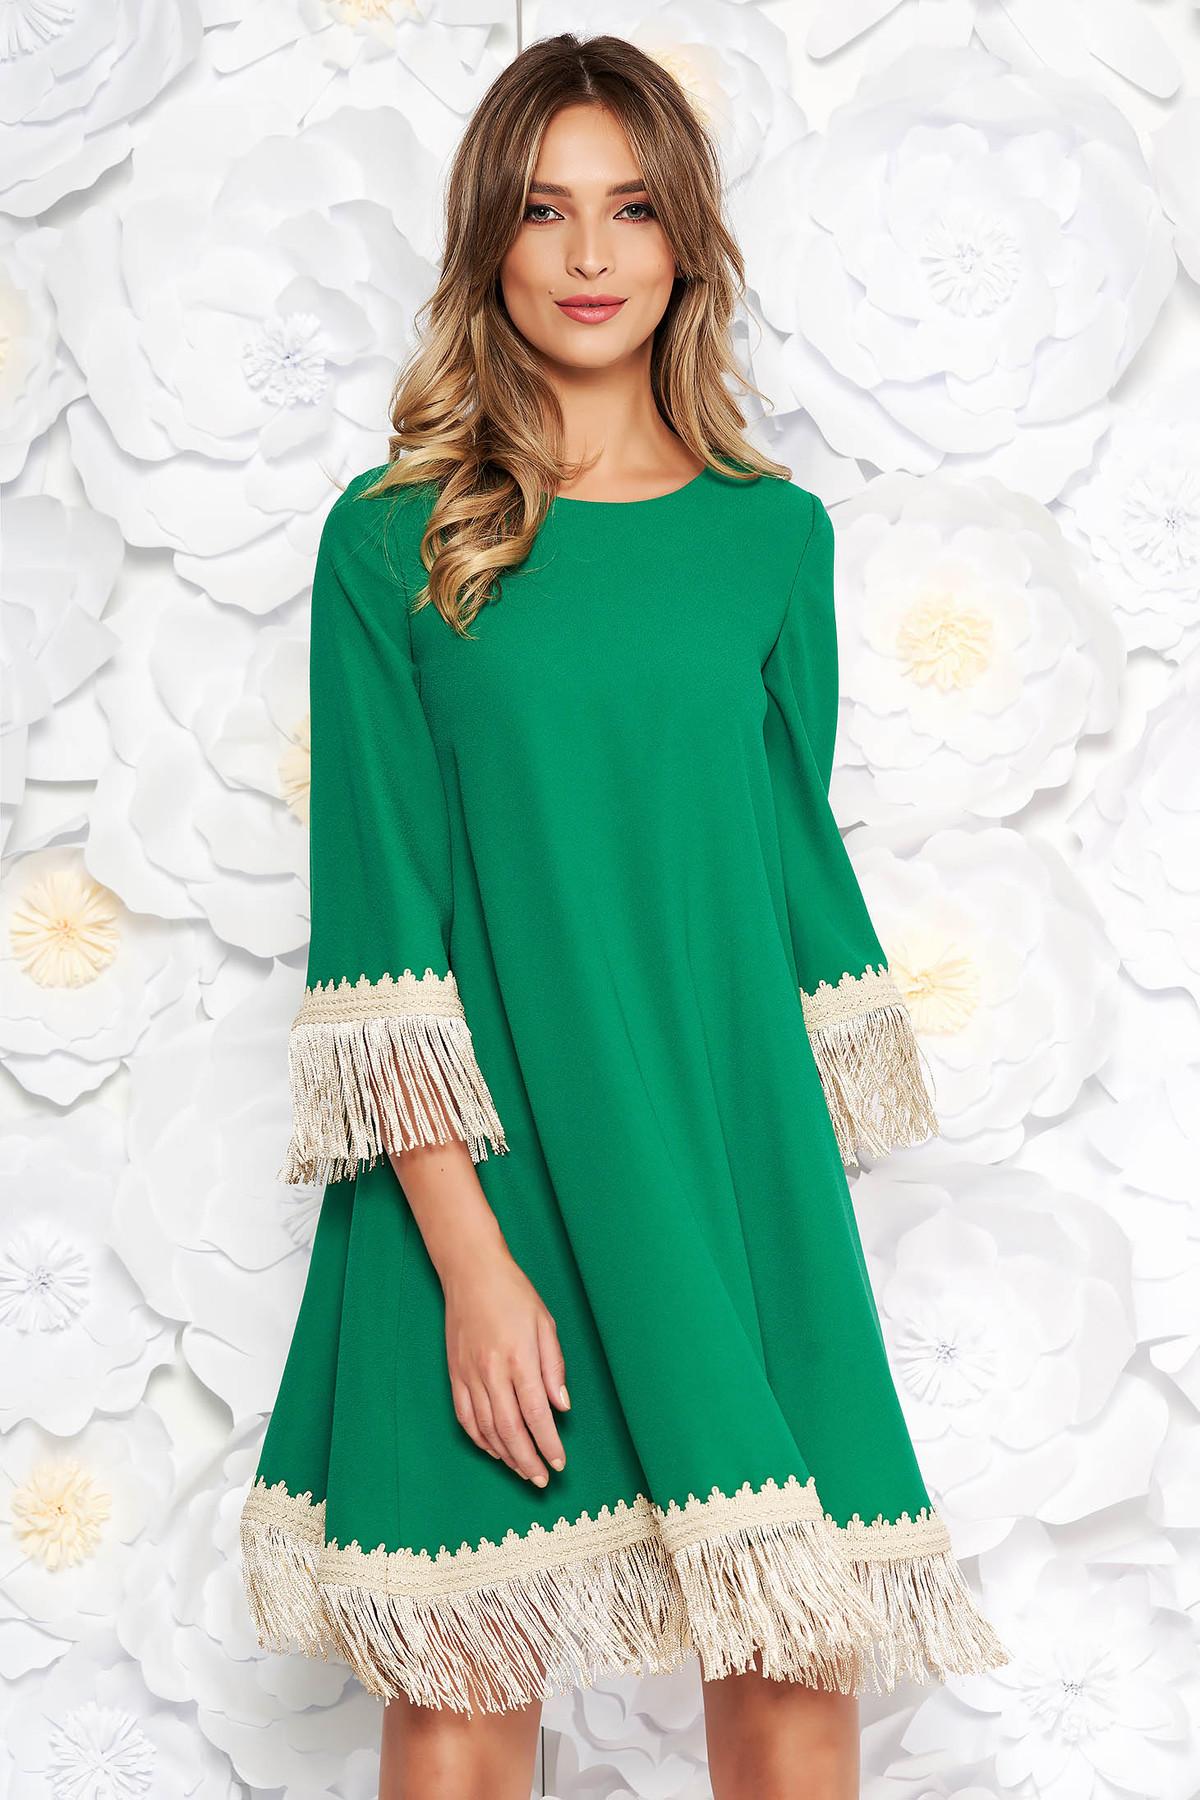 fbb4e7bd3f Zöld LaDonna elegáns bő szabású ruha rugalmatlan szövet rojtos 3/4-es  ujjakkal